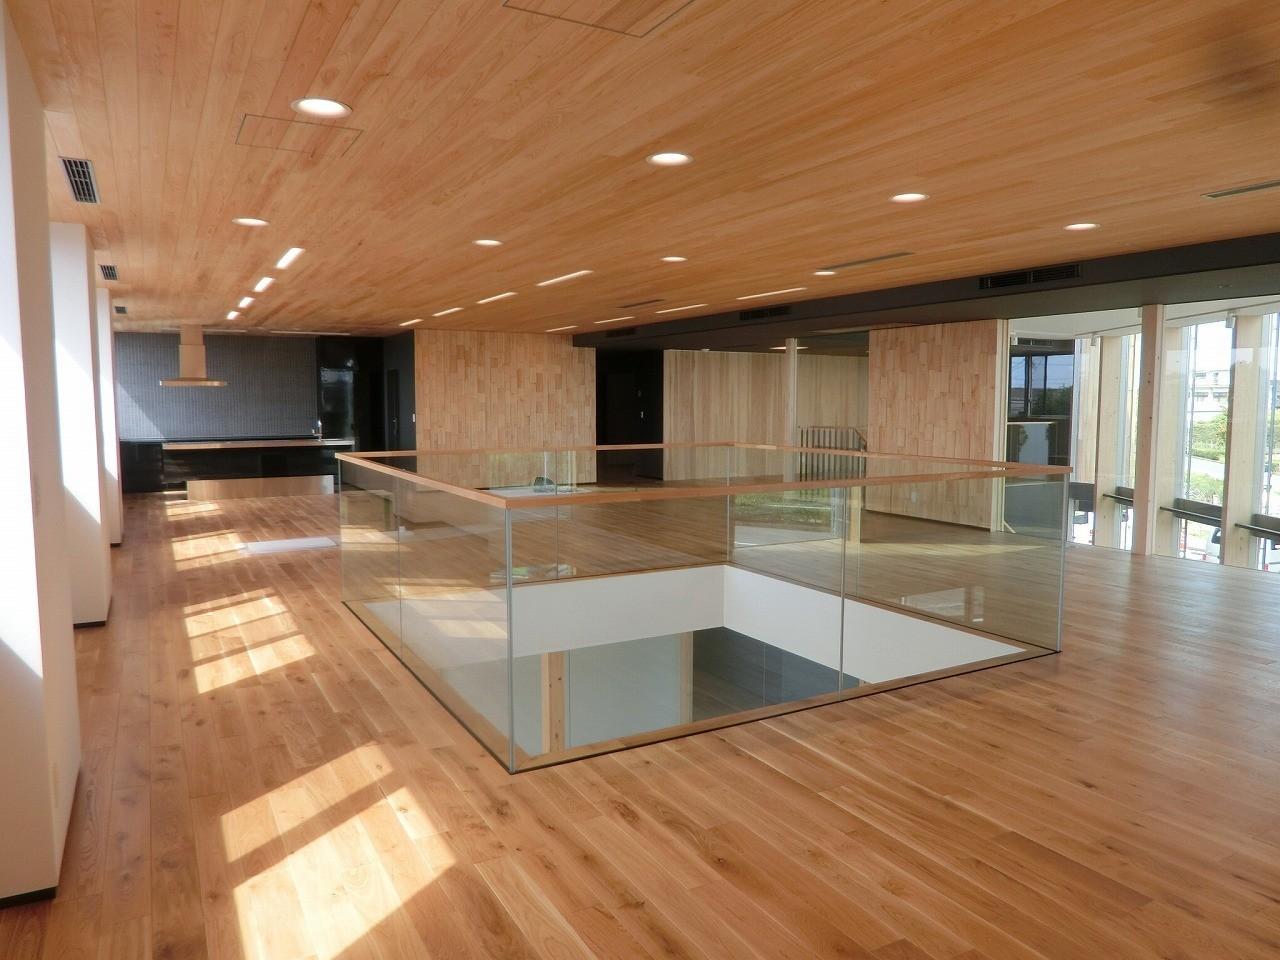 木造で130㎡の無柱空間(吹抜もあり!)。構造に秘密があります